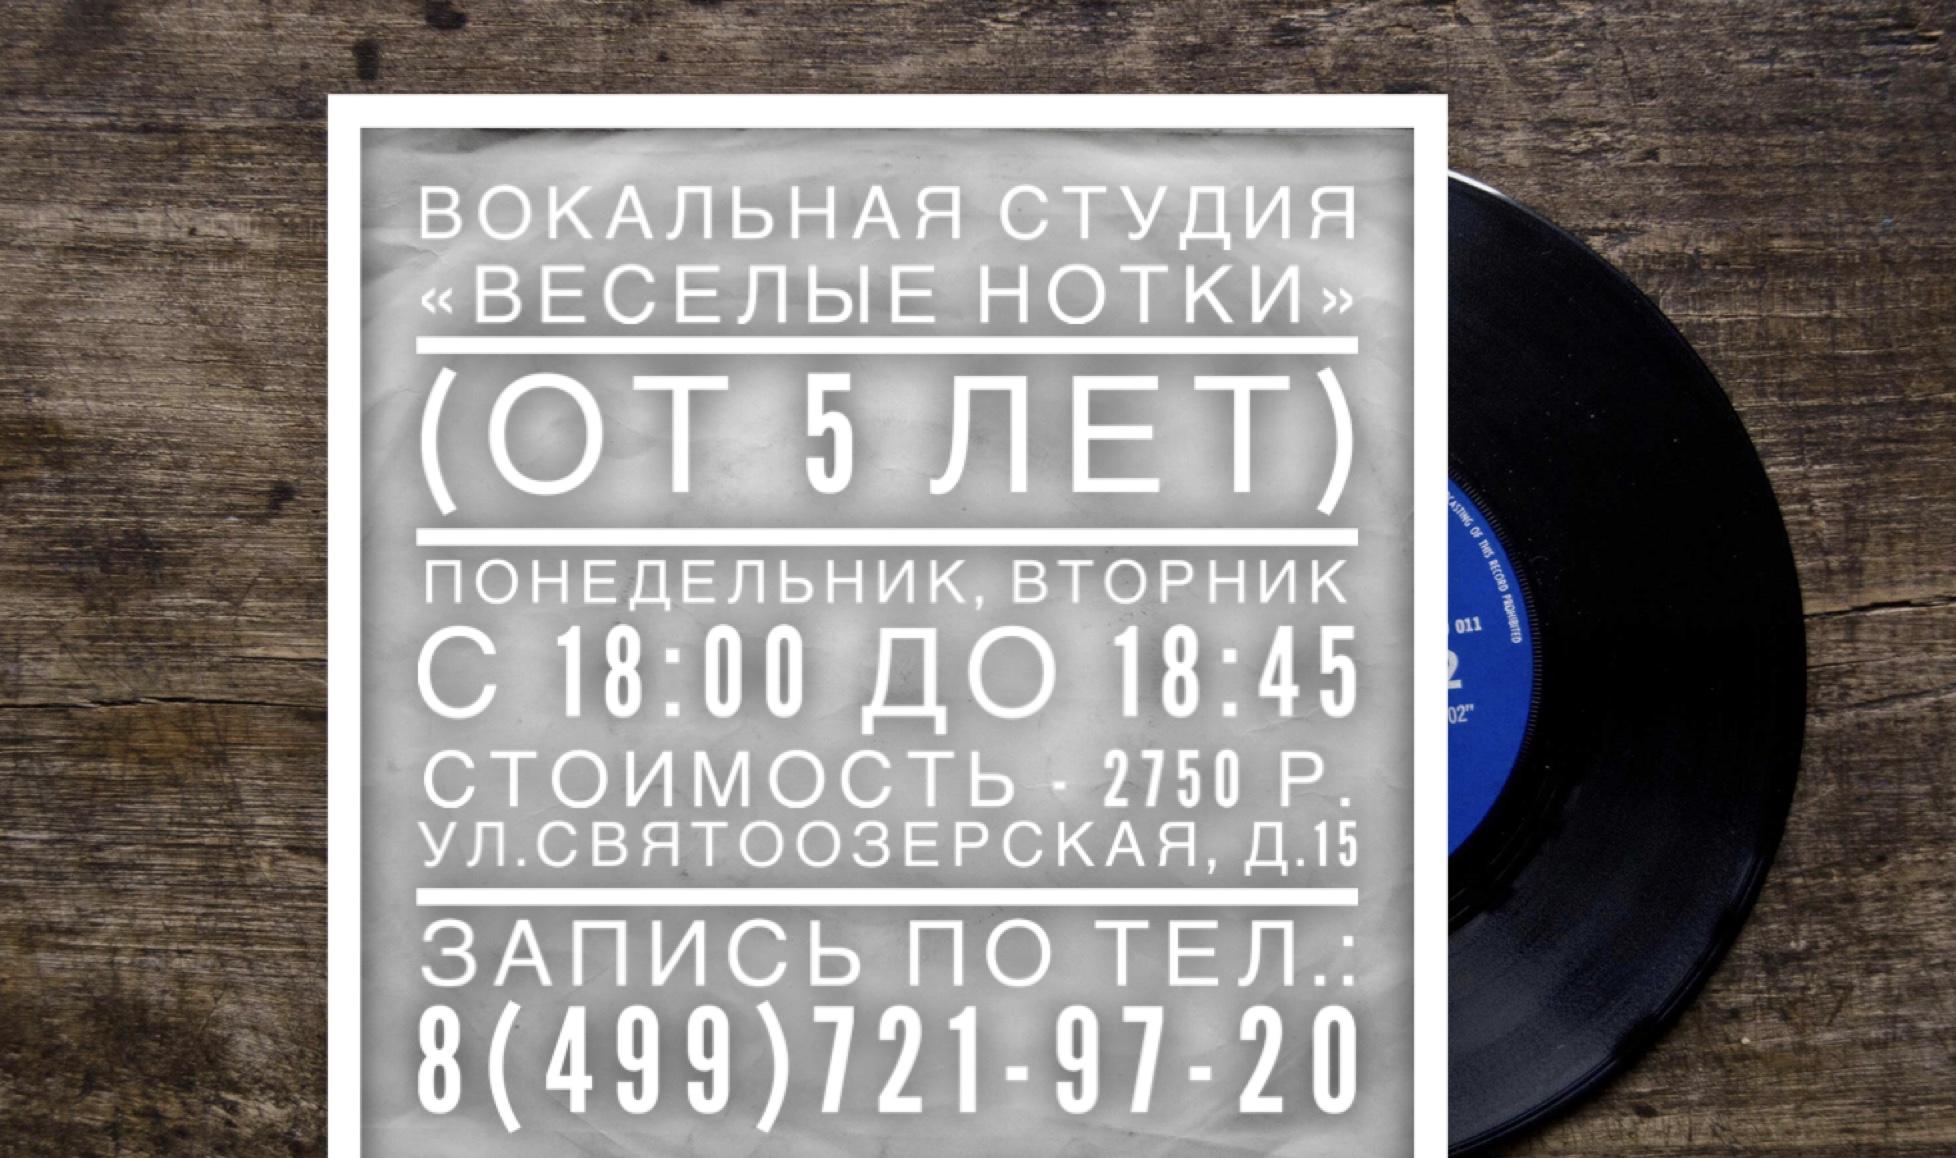 51D1828F-3FBD-4617-942B-E7142AE591B9